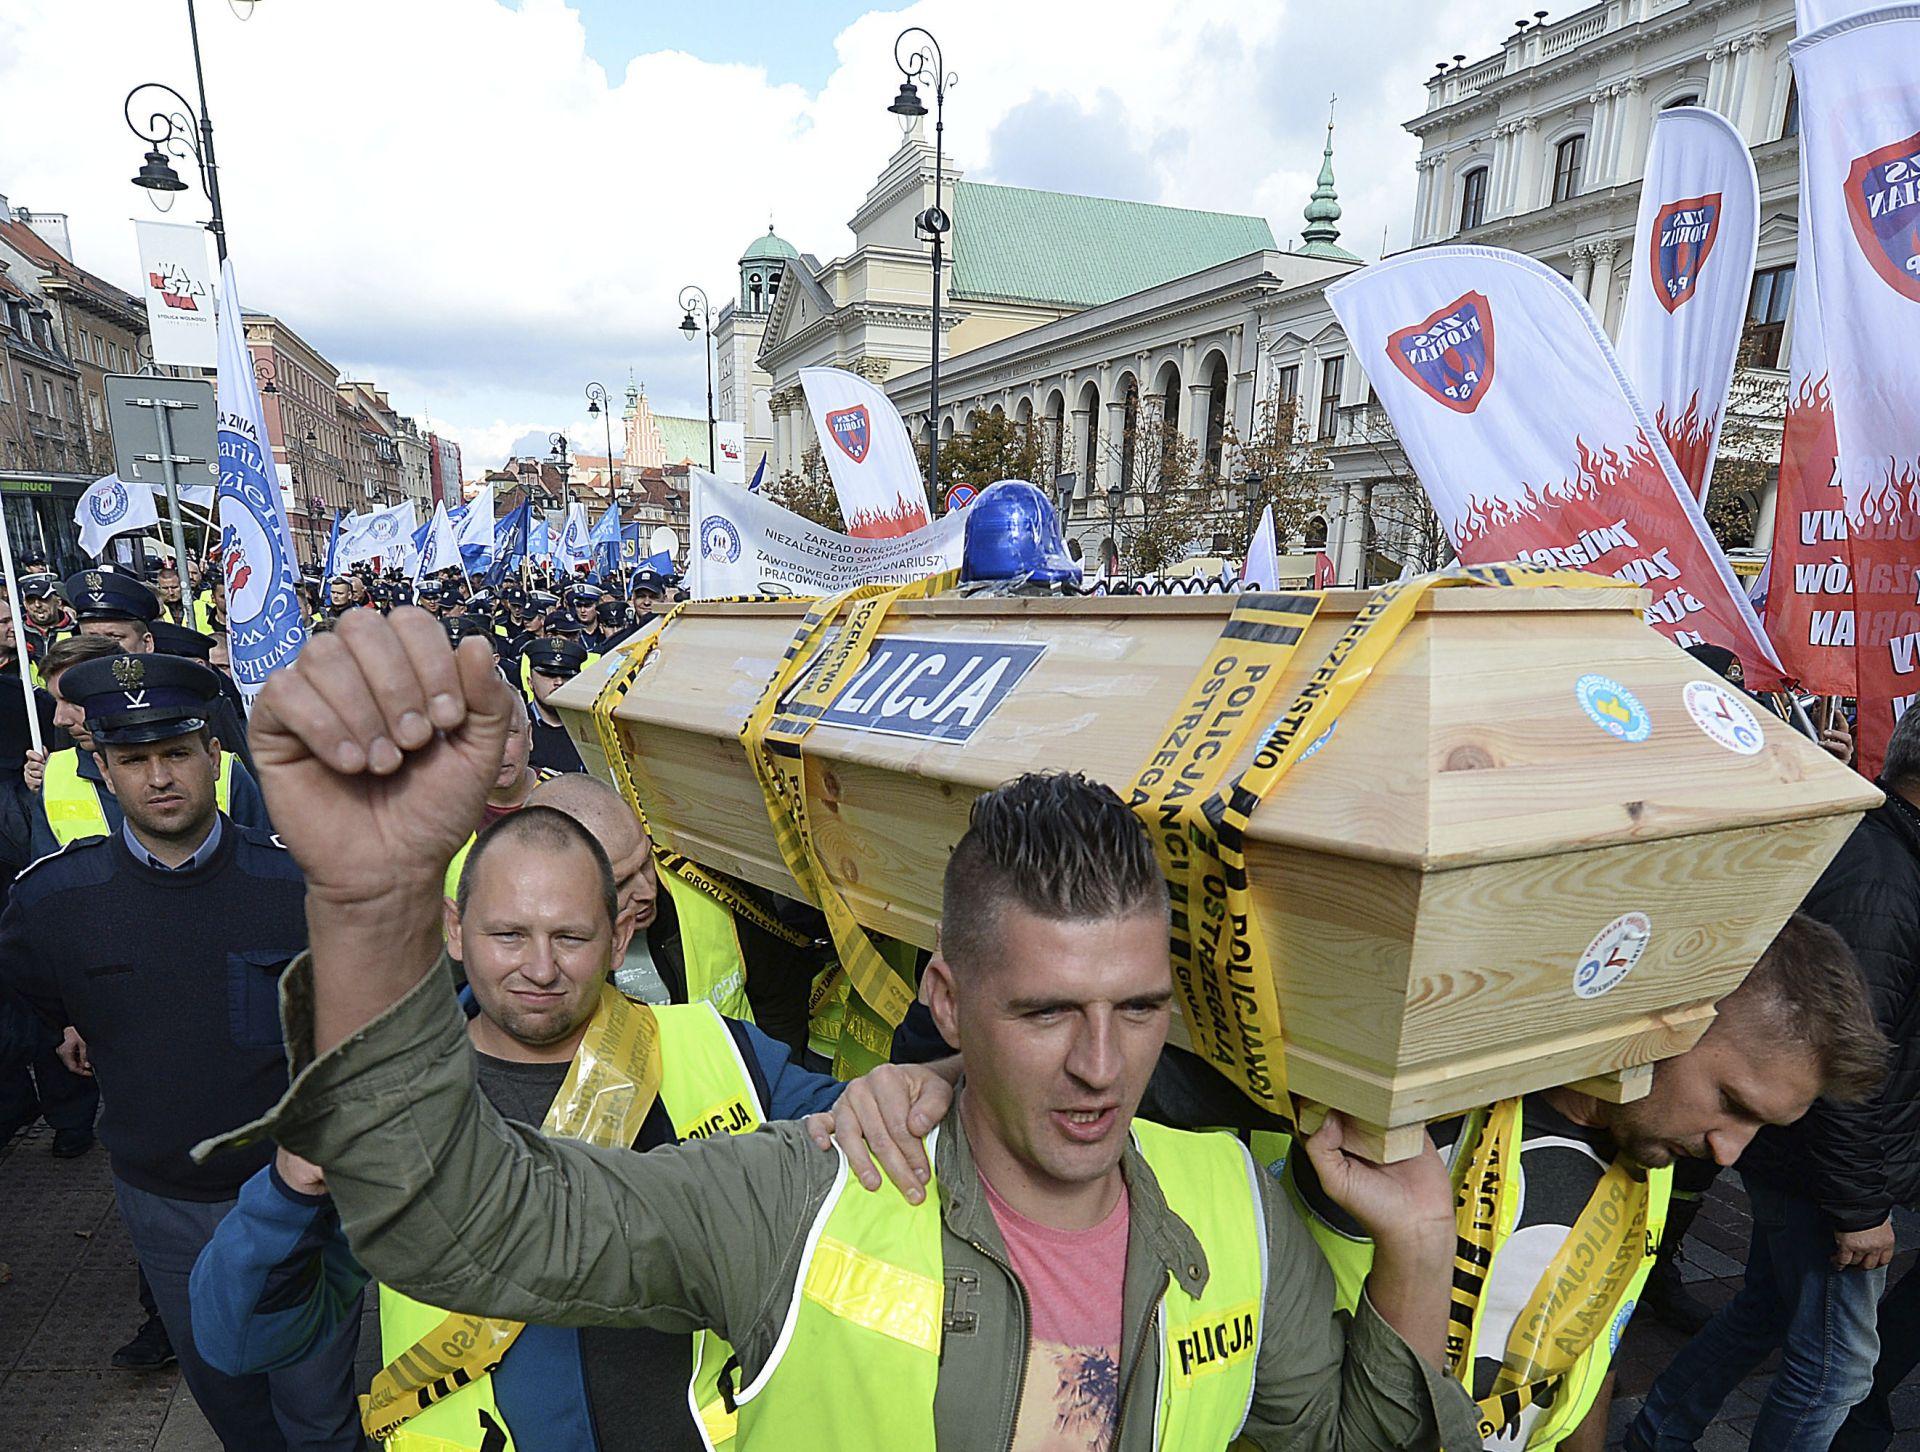 Един от демонстрантите заяви, че нетната му месечна заплата на полицай е около 2500 злоти (близо 600 евро)